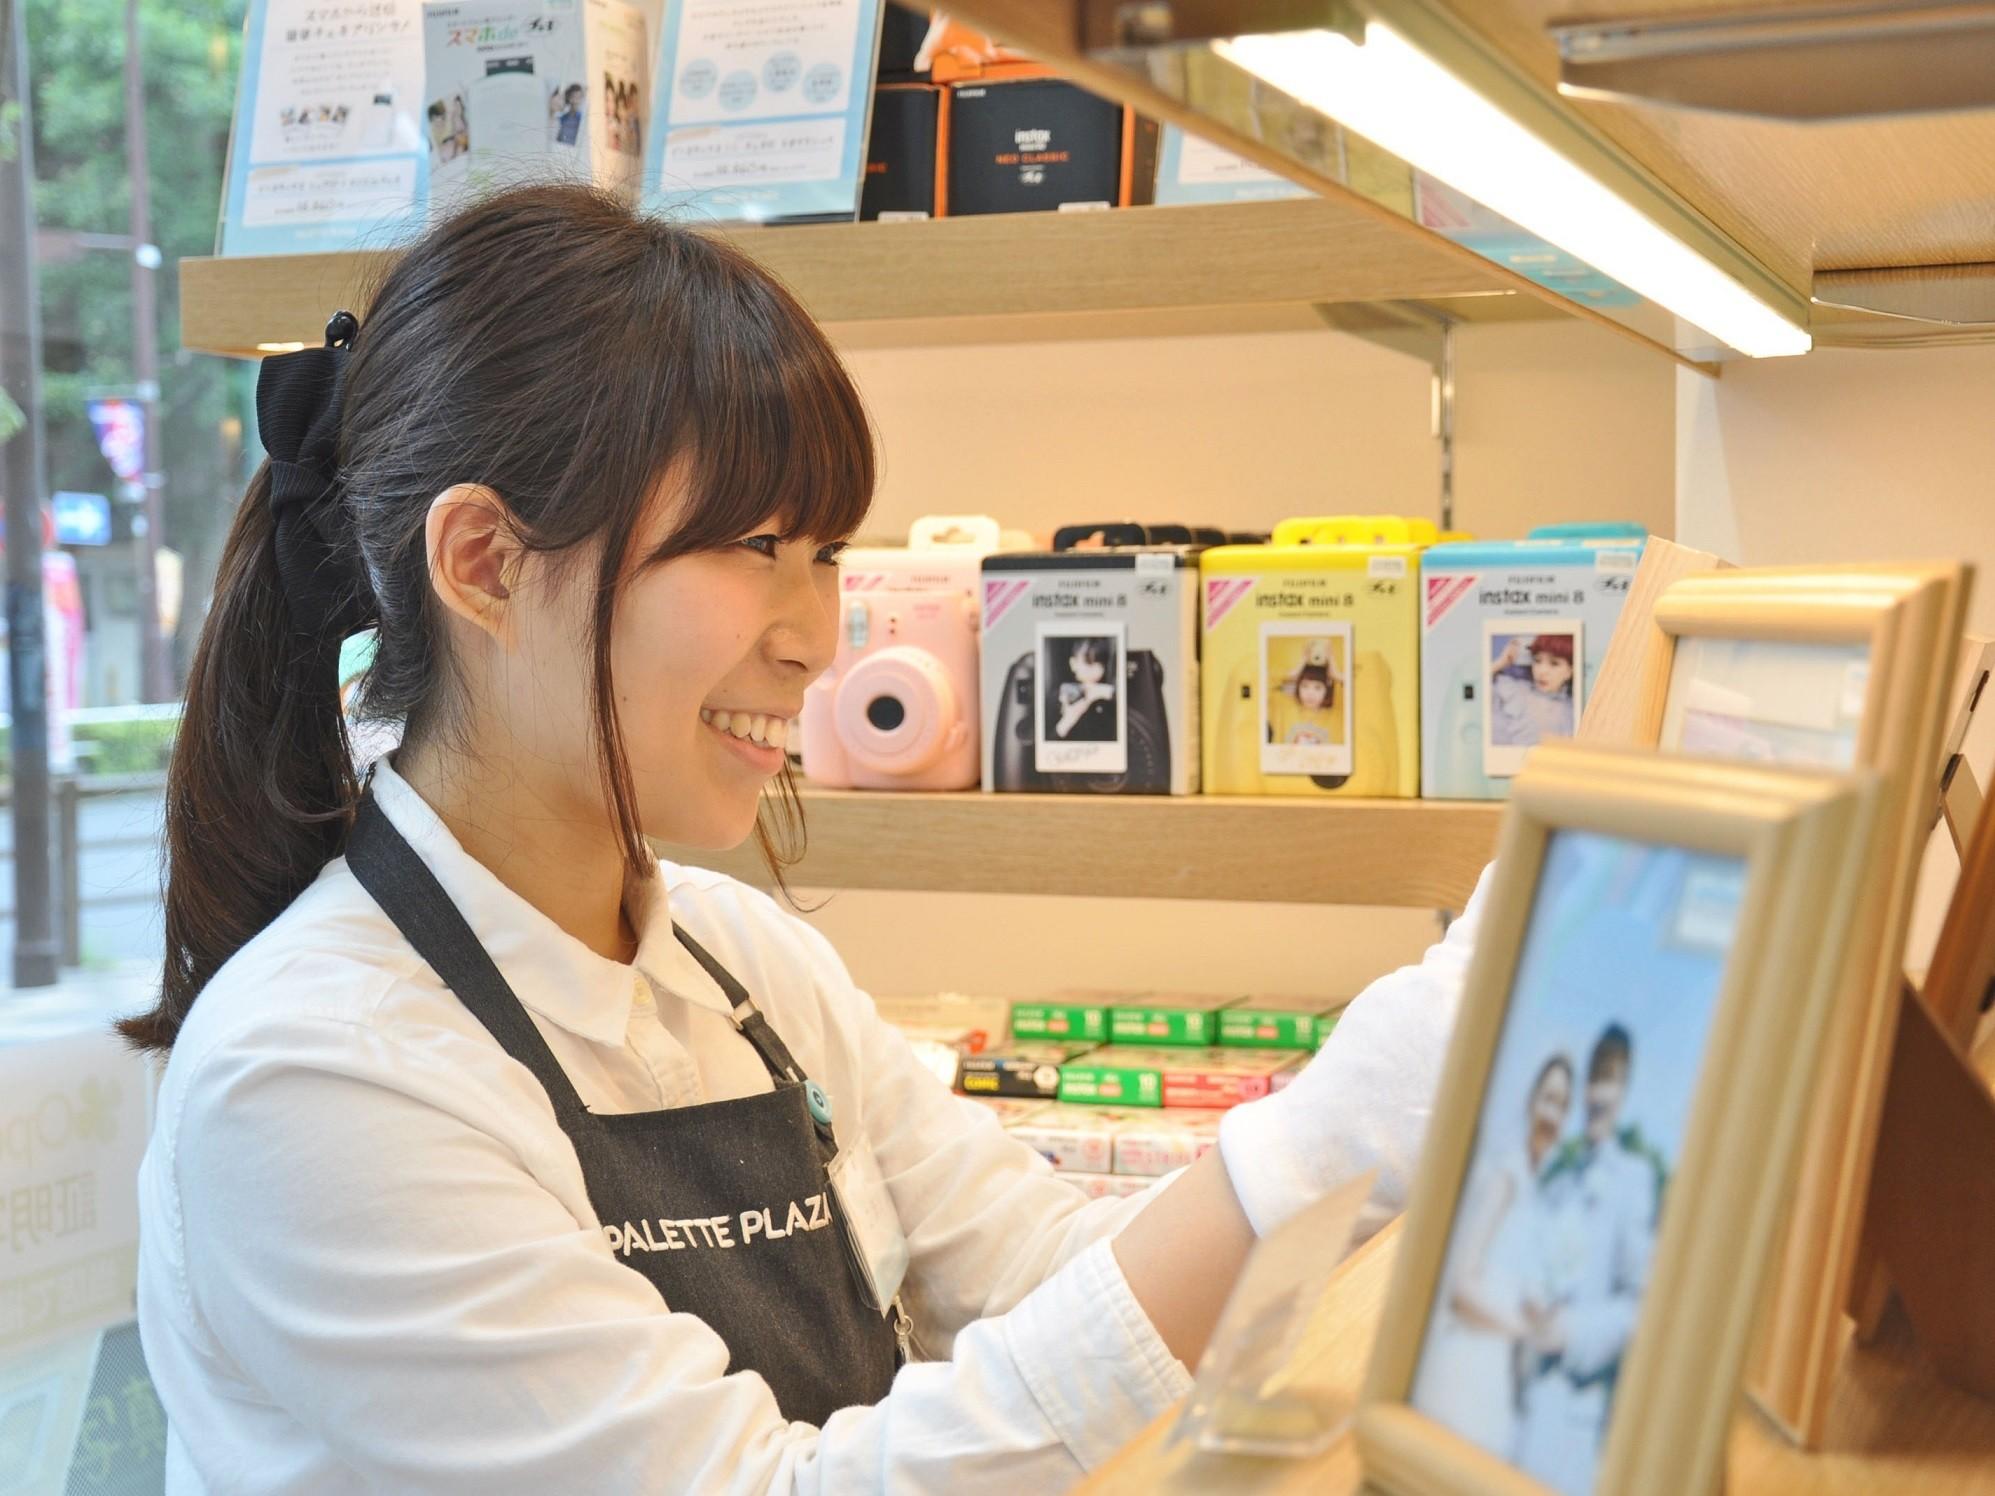 パレットプラザ 茅ケ崎駅前店 のアルバイト情報